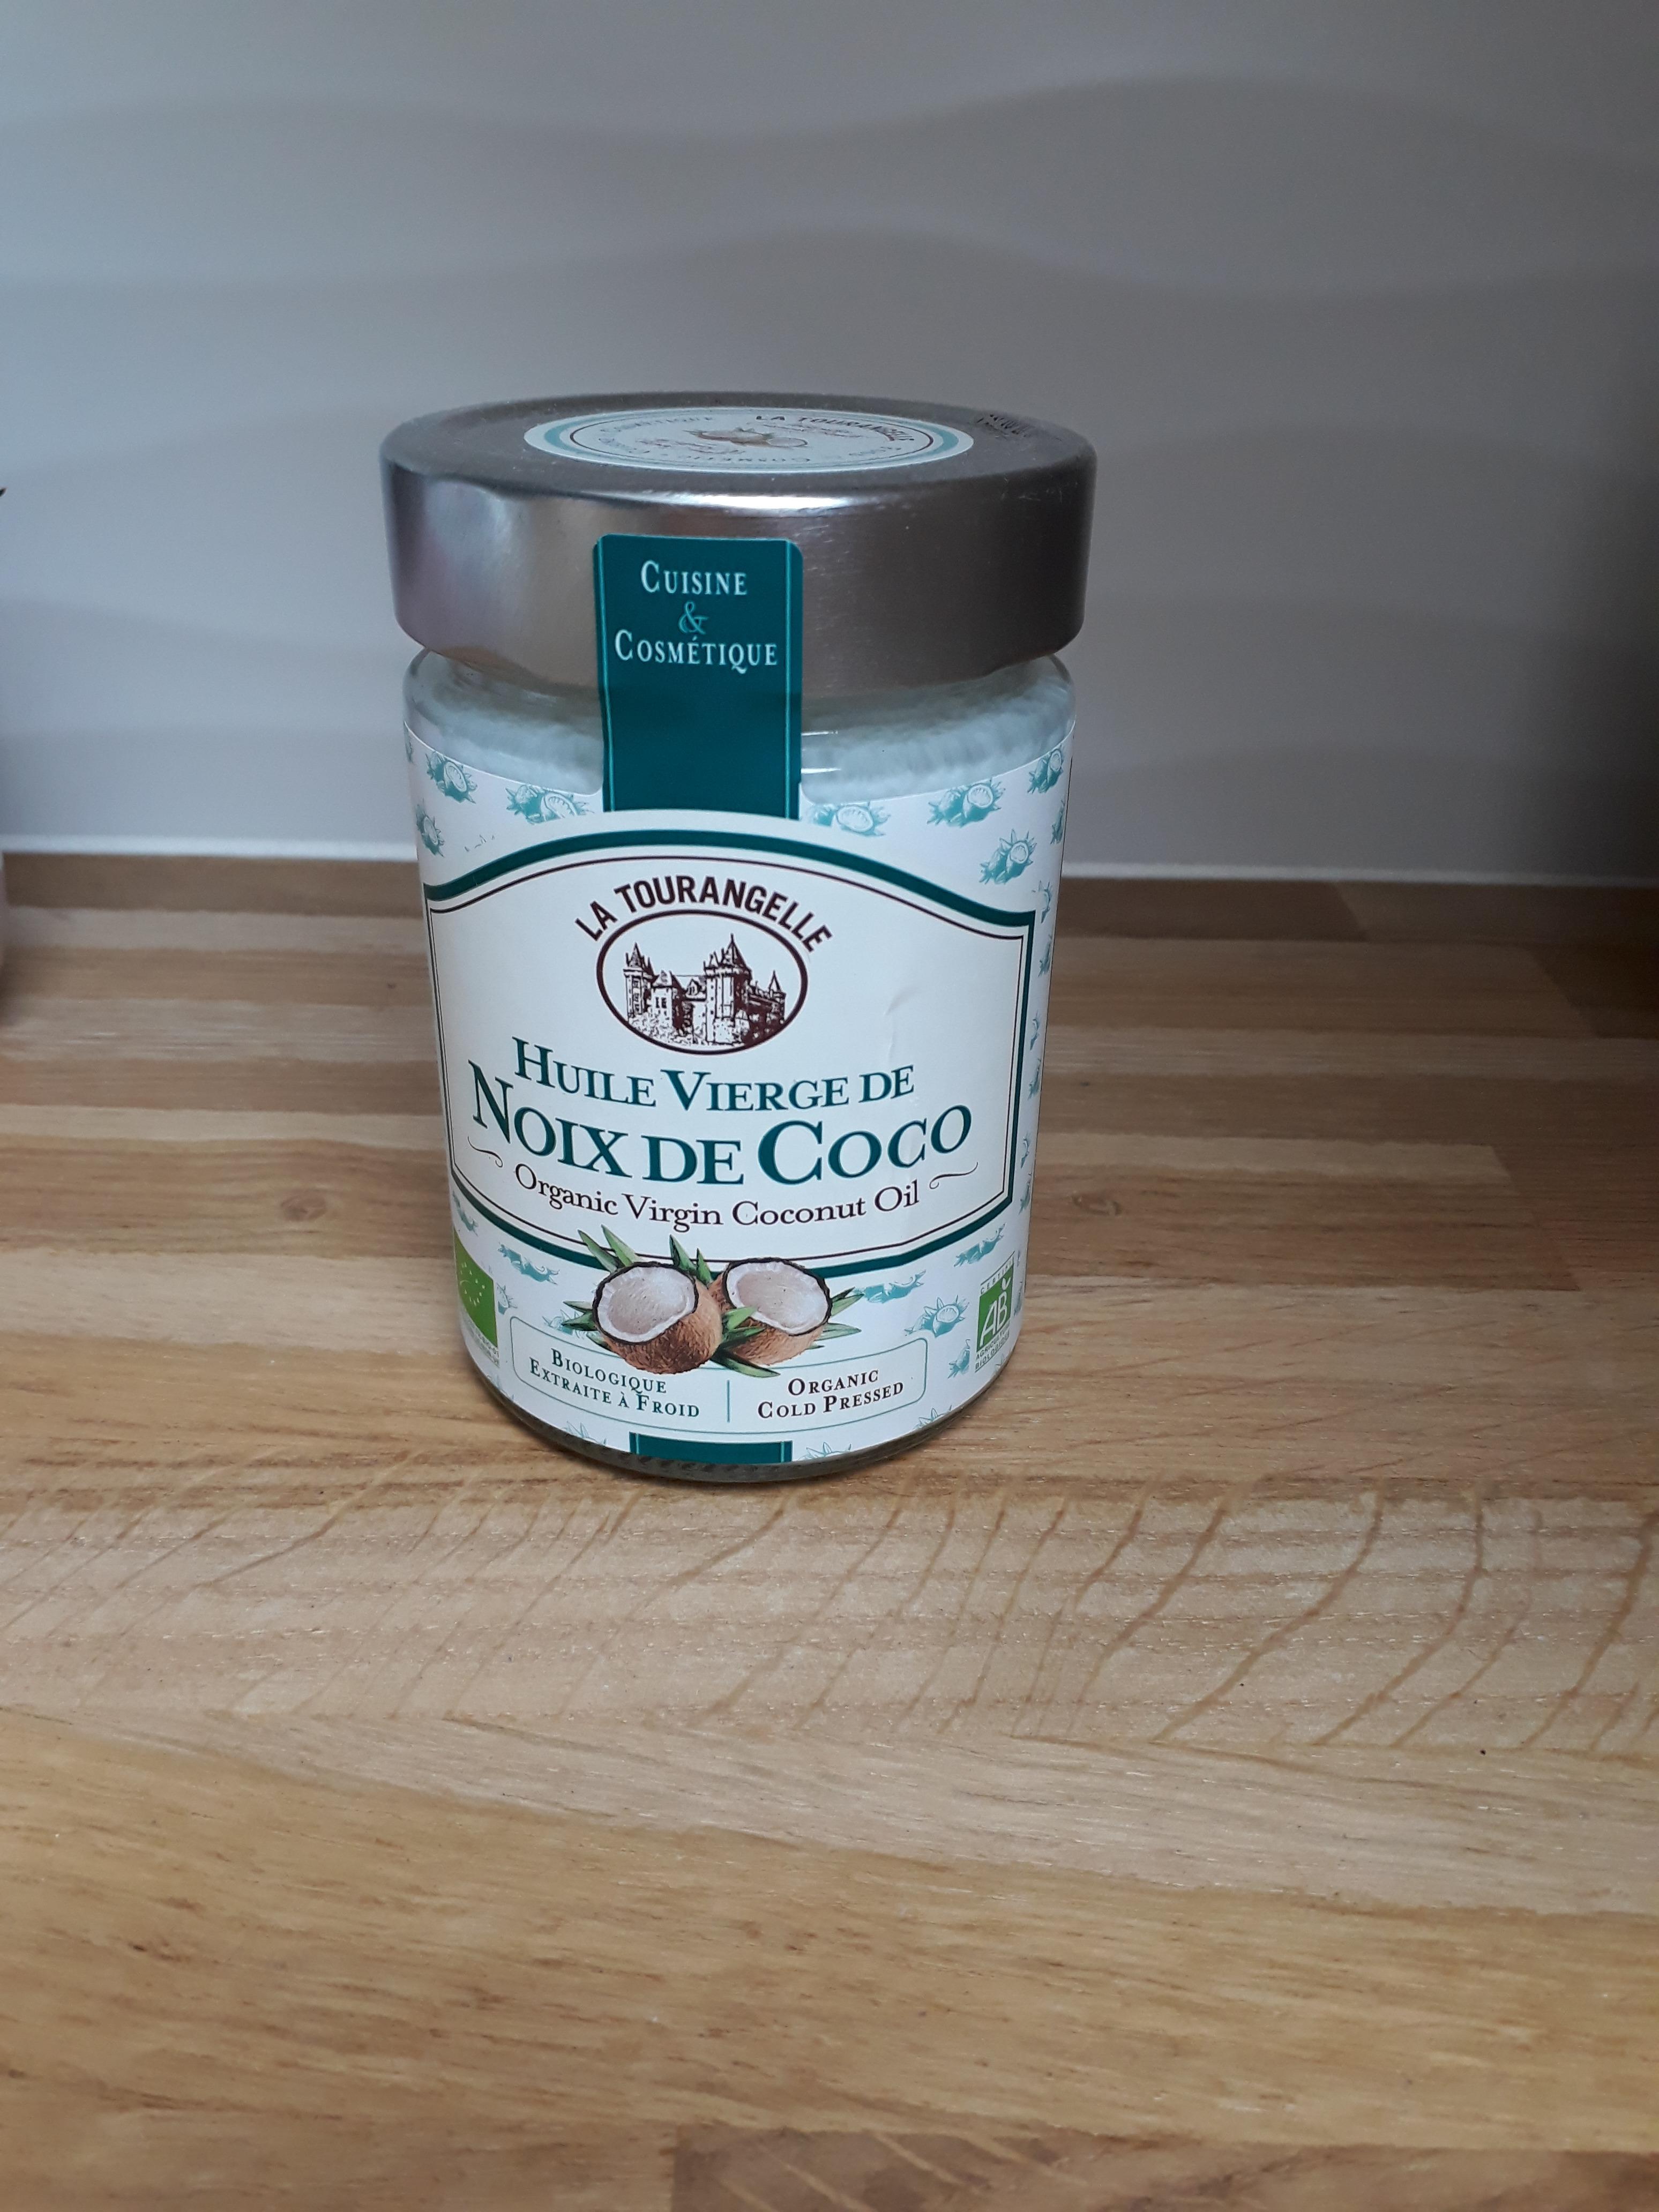 J'ai testé pour vous l'huile vierge noix de coco bio